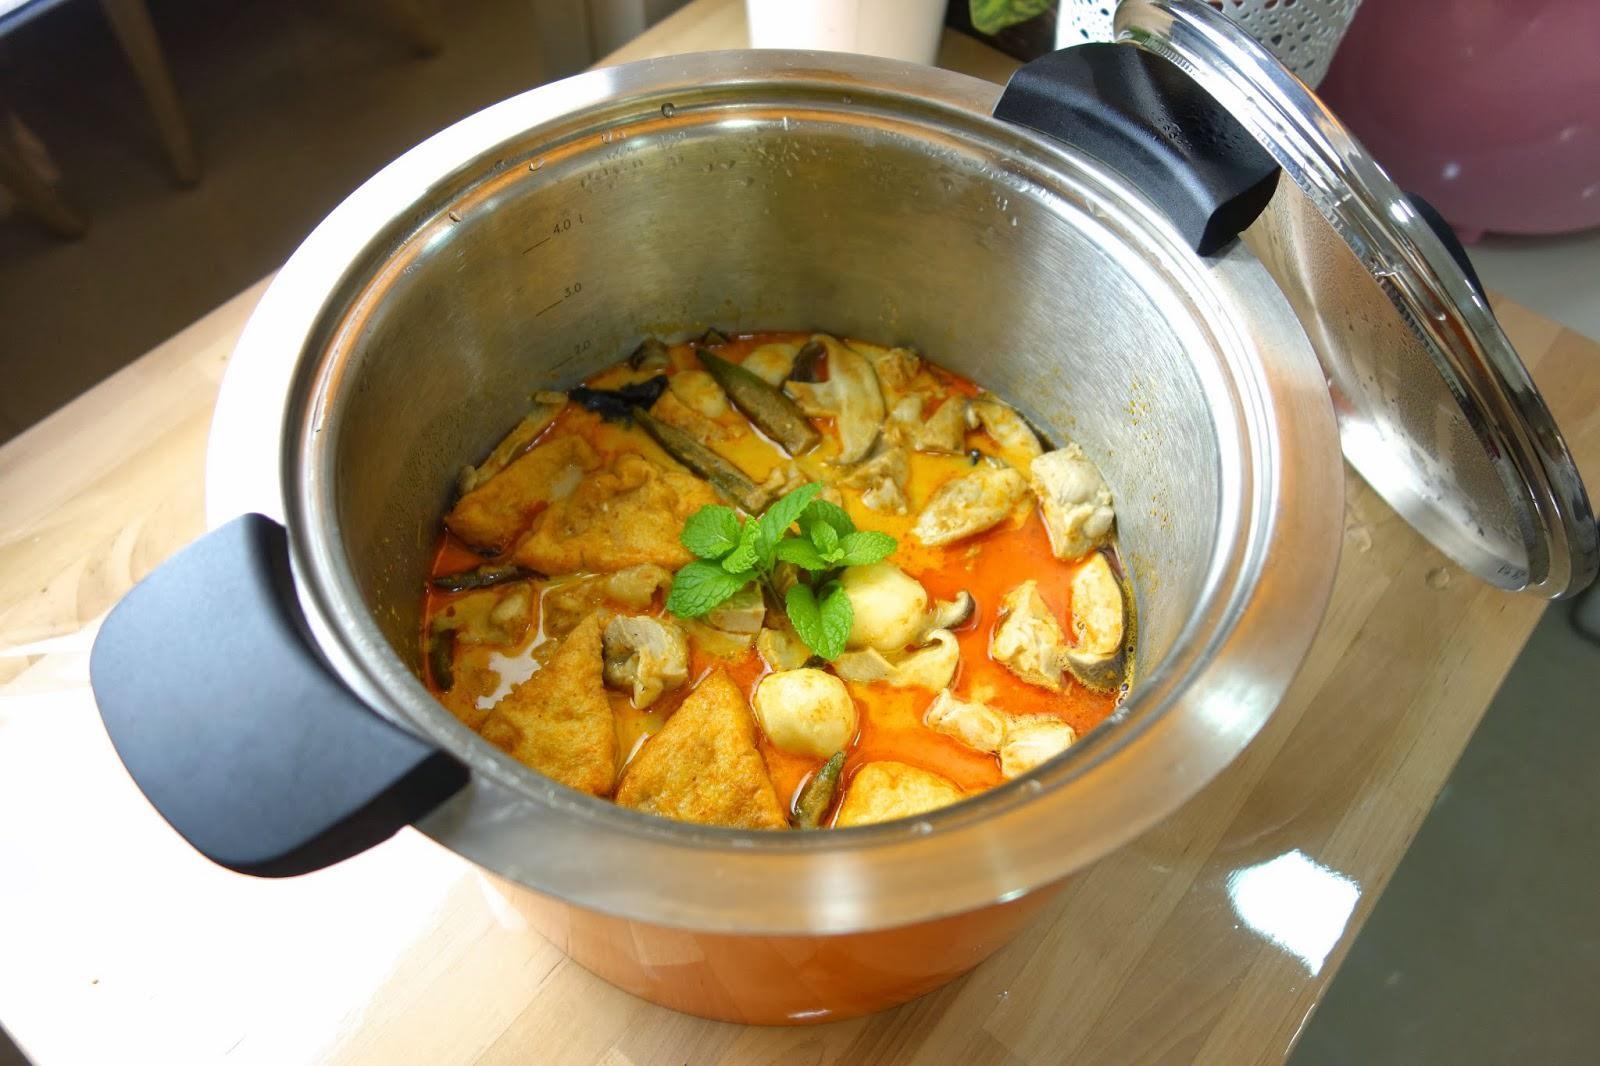 「為什麼叻沙可以有濃郁的椰香?」在家做一鍋兩用的南洋風美食,湯底濃郁又好吃!